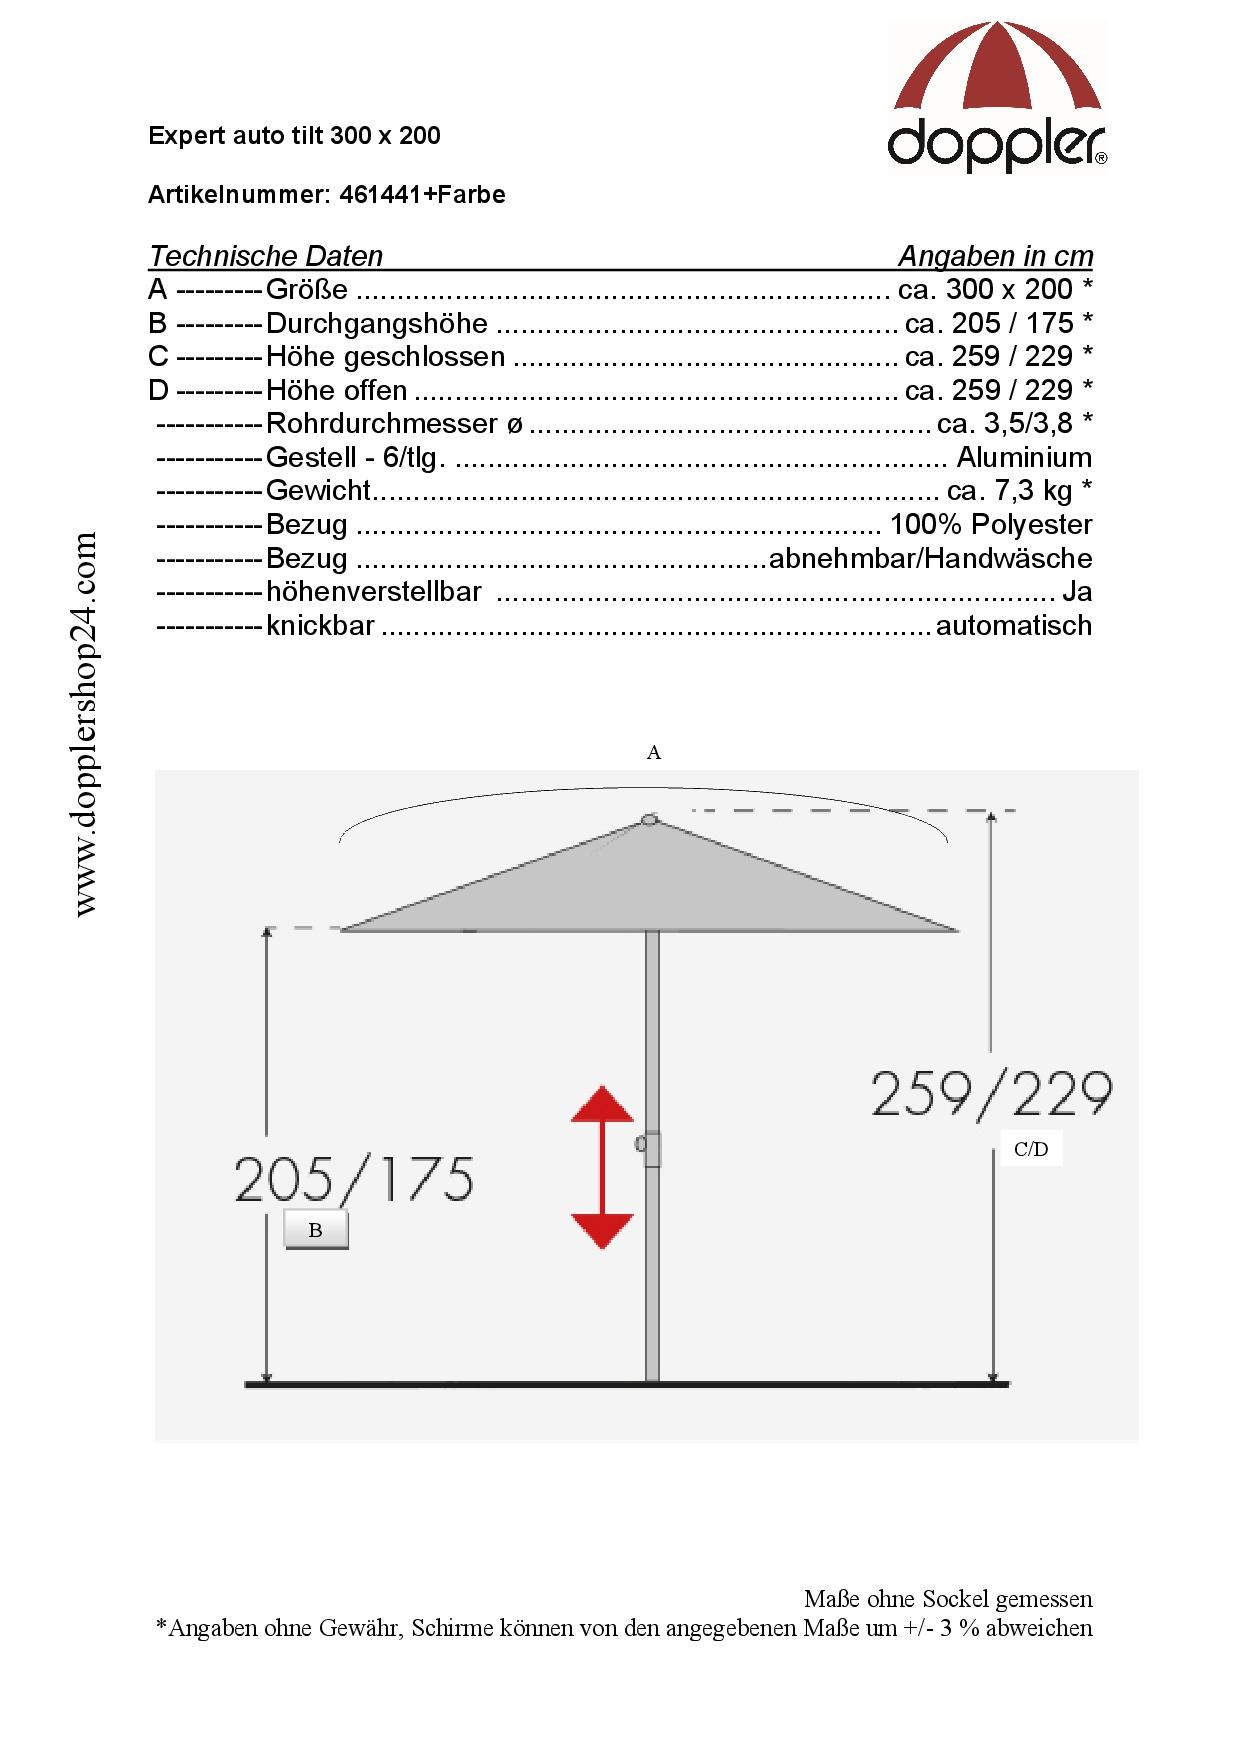 Doppler Kurbelschirm Expert auto tilt 300x200cm 3x2m Balkonschirm knickbar Terra